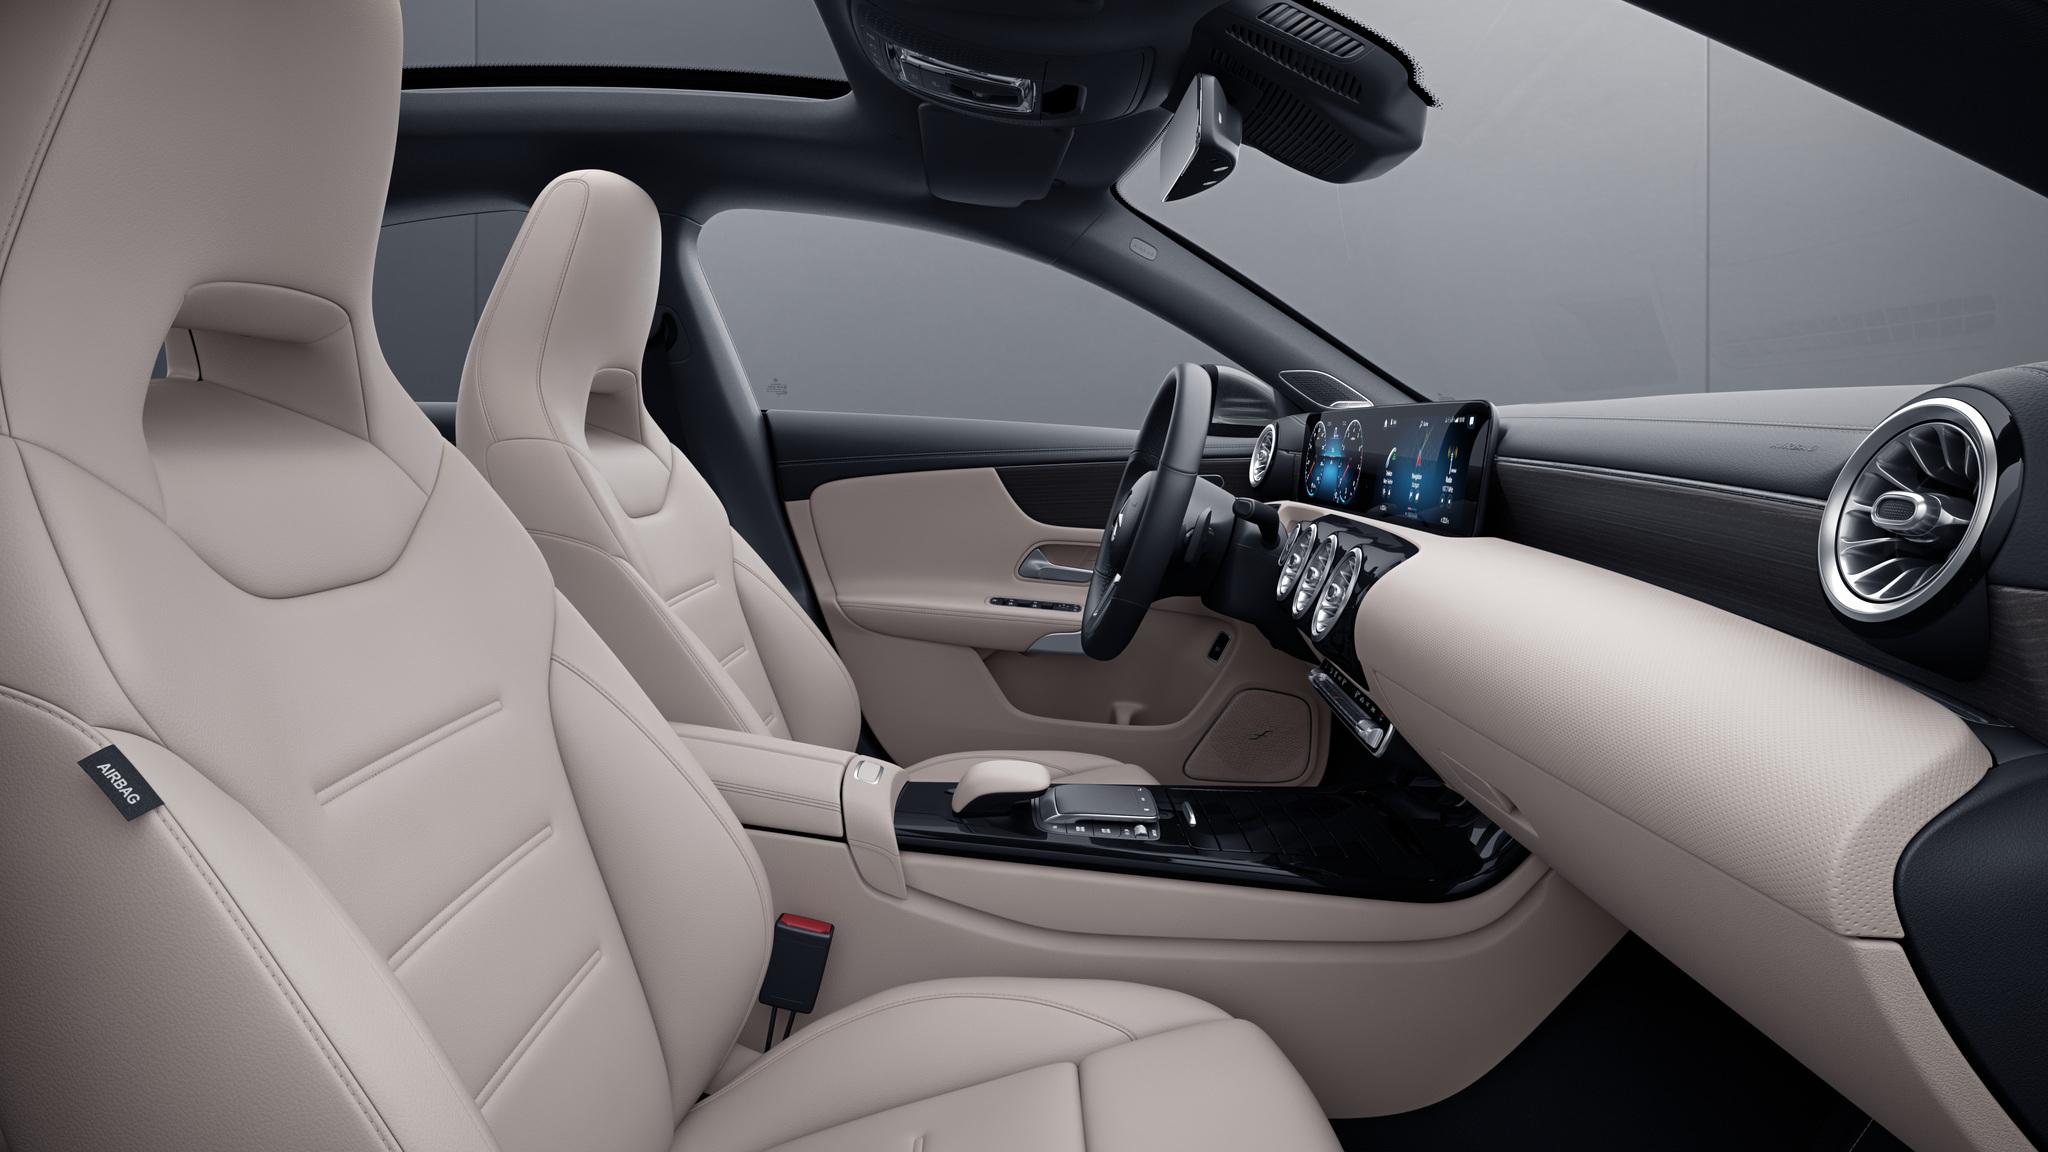 Habitacle de la Mercedes CLA avec une sellerie SIMILICUIR ARTICO siège sport - beige macchiato noir